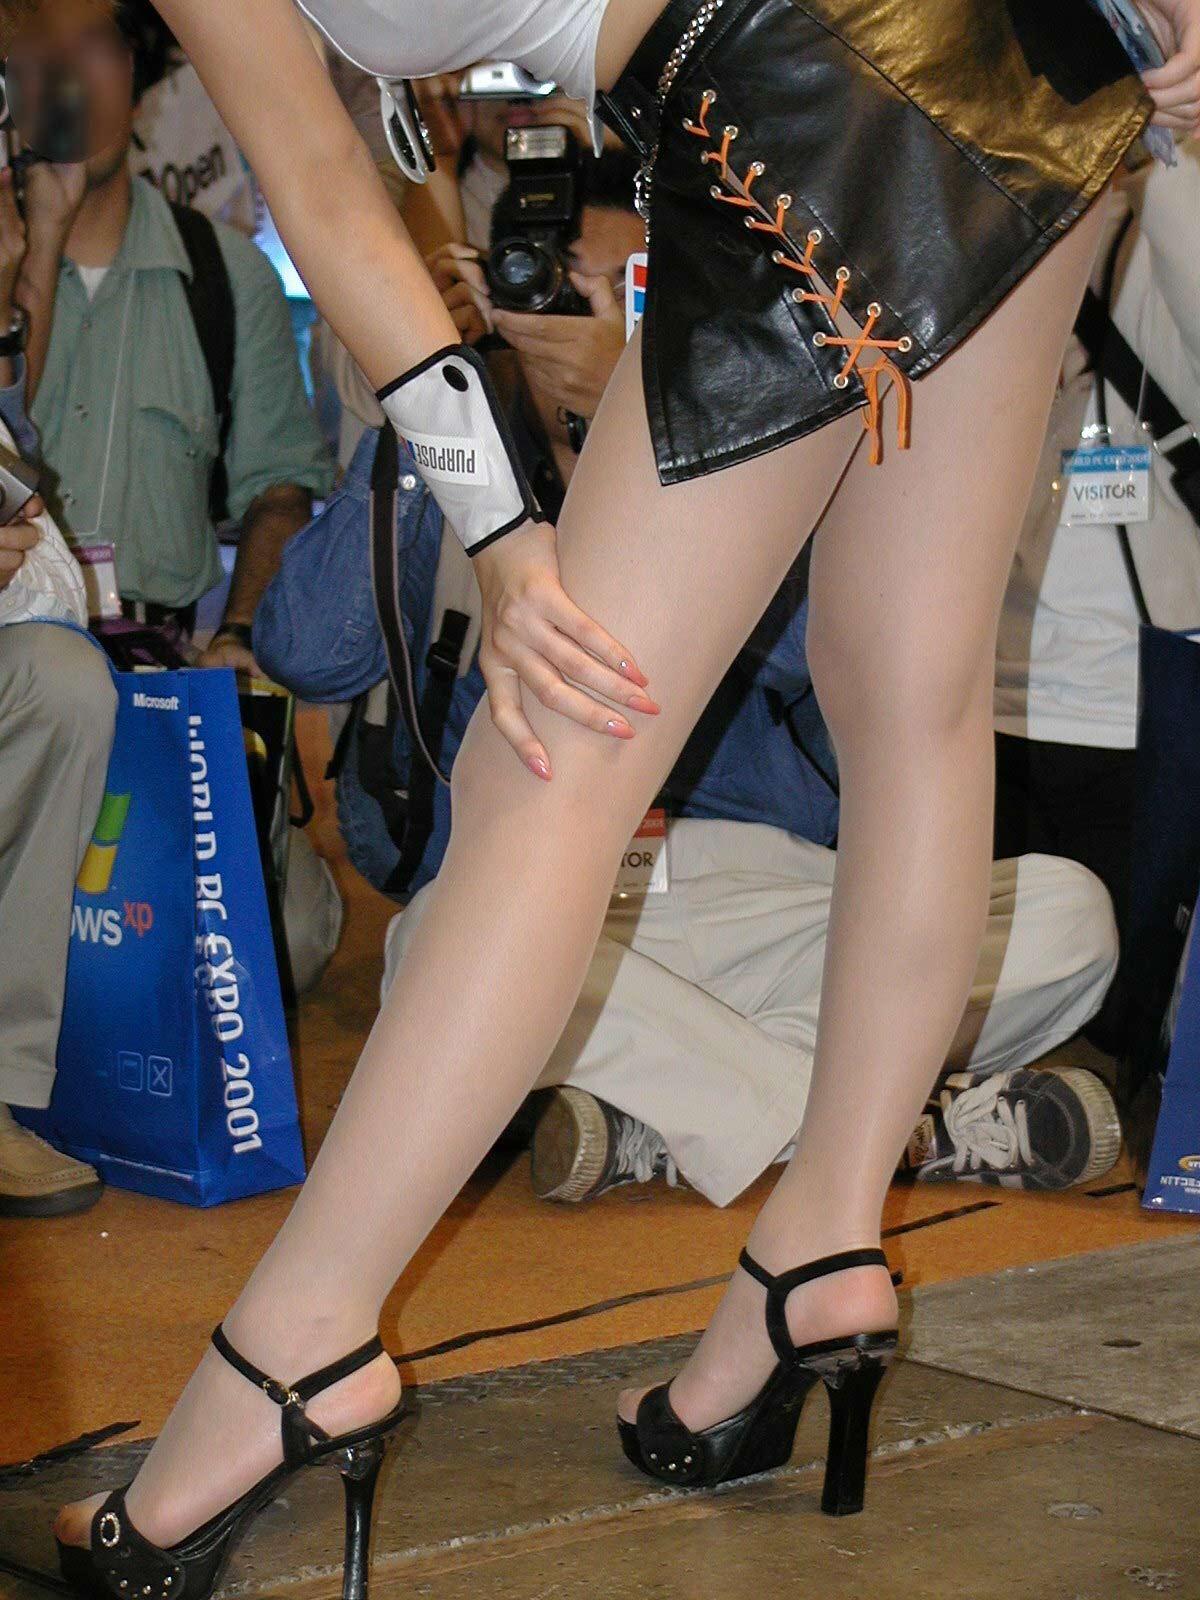 【キャンギャルエロ画像】美脚であるのが最低条件w脚線美で攻めるキャンギャルの皆さんwww 29